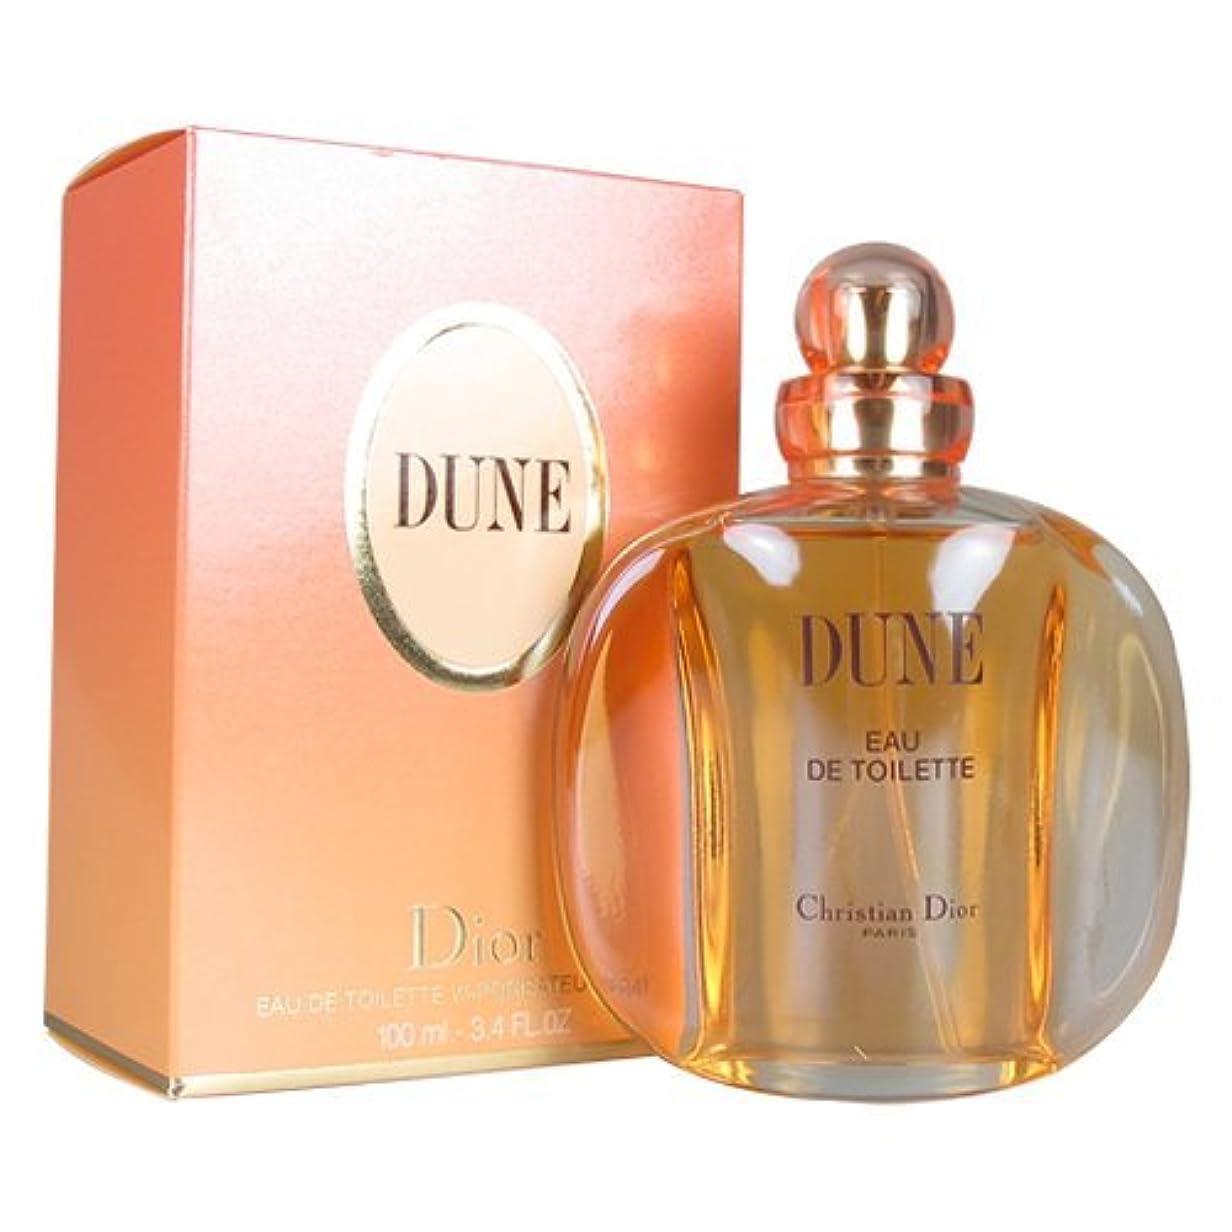 気質電化する最愛のクリスチャン ディオール(Christian Dior) デューン オードゥ トワレ 100ml[並行輸入品]